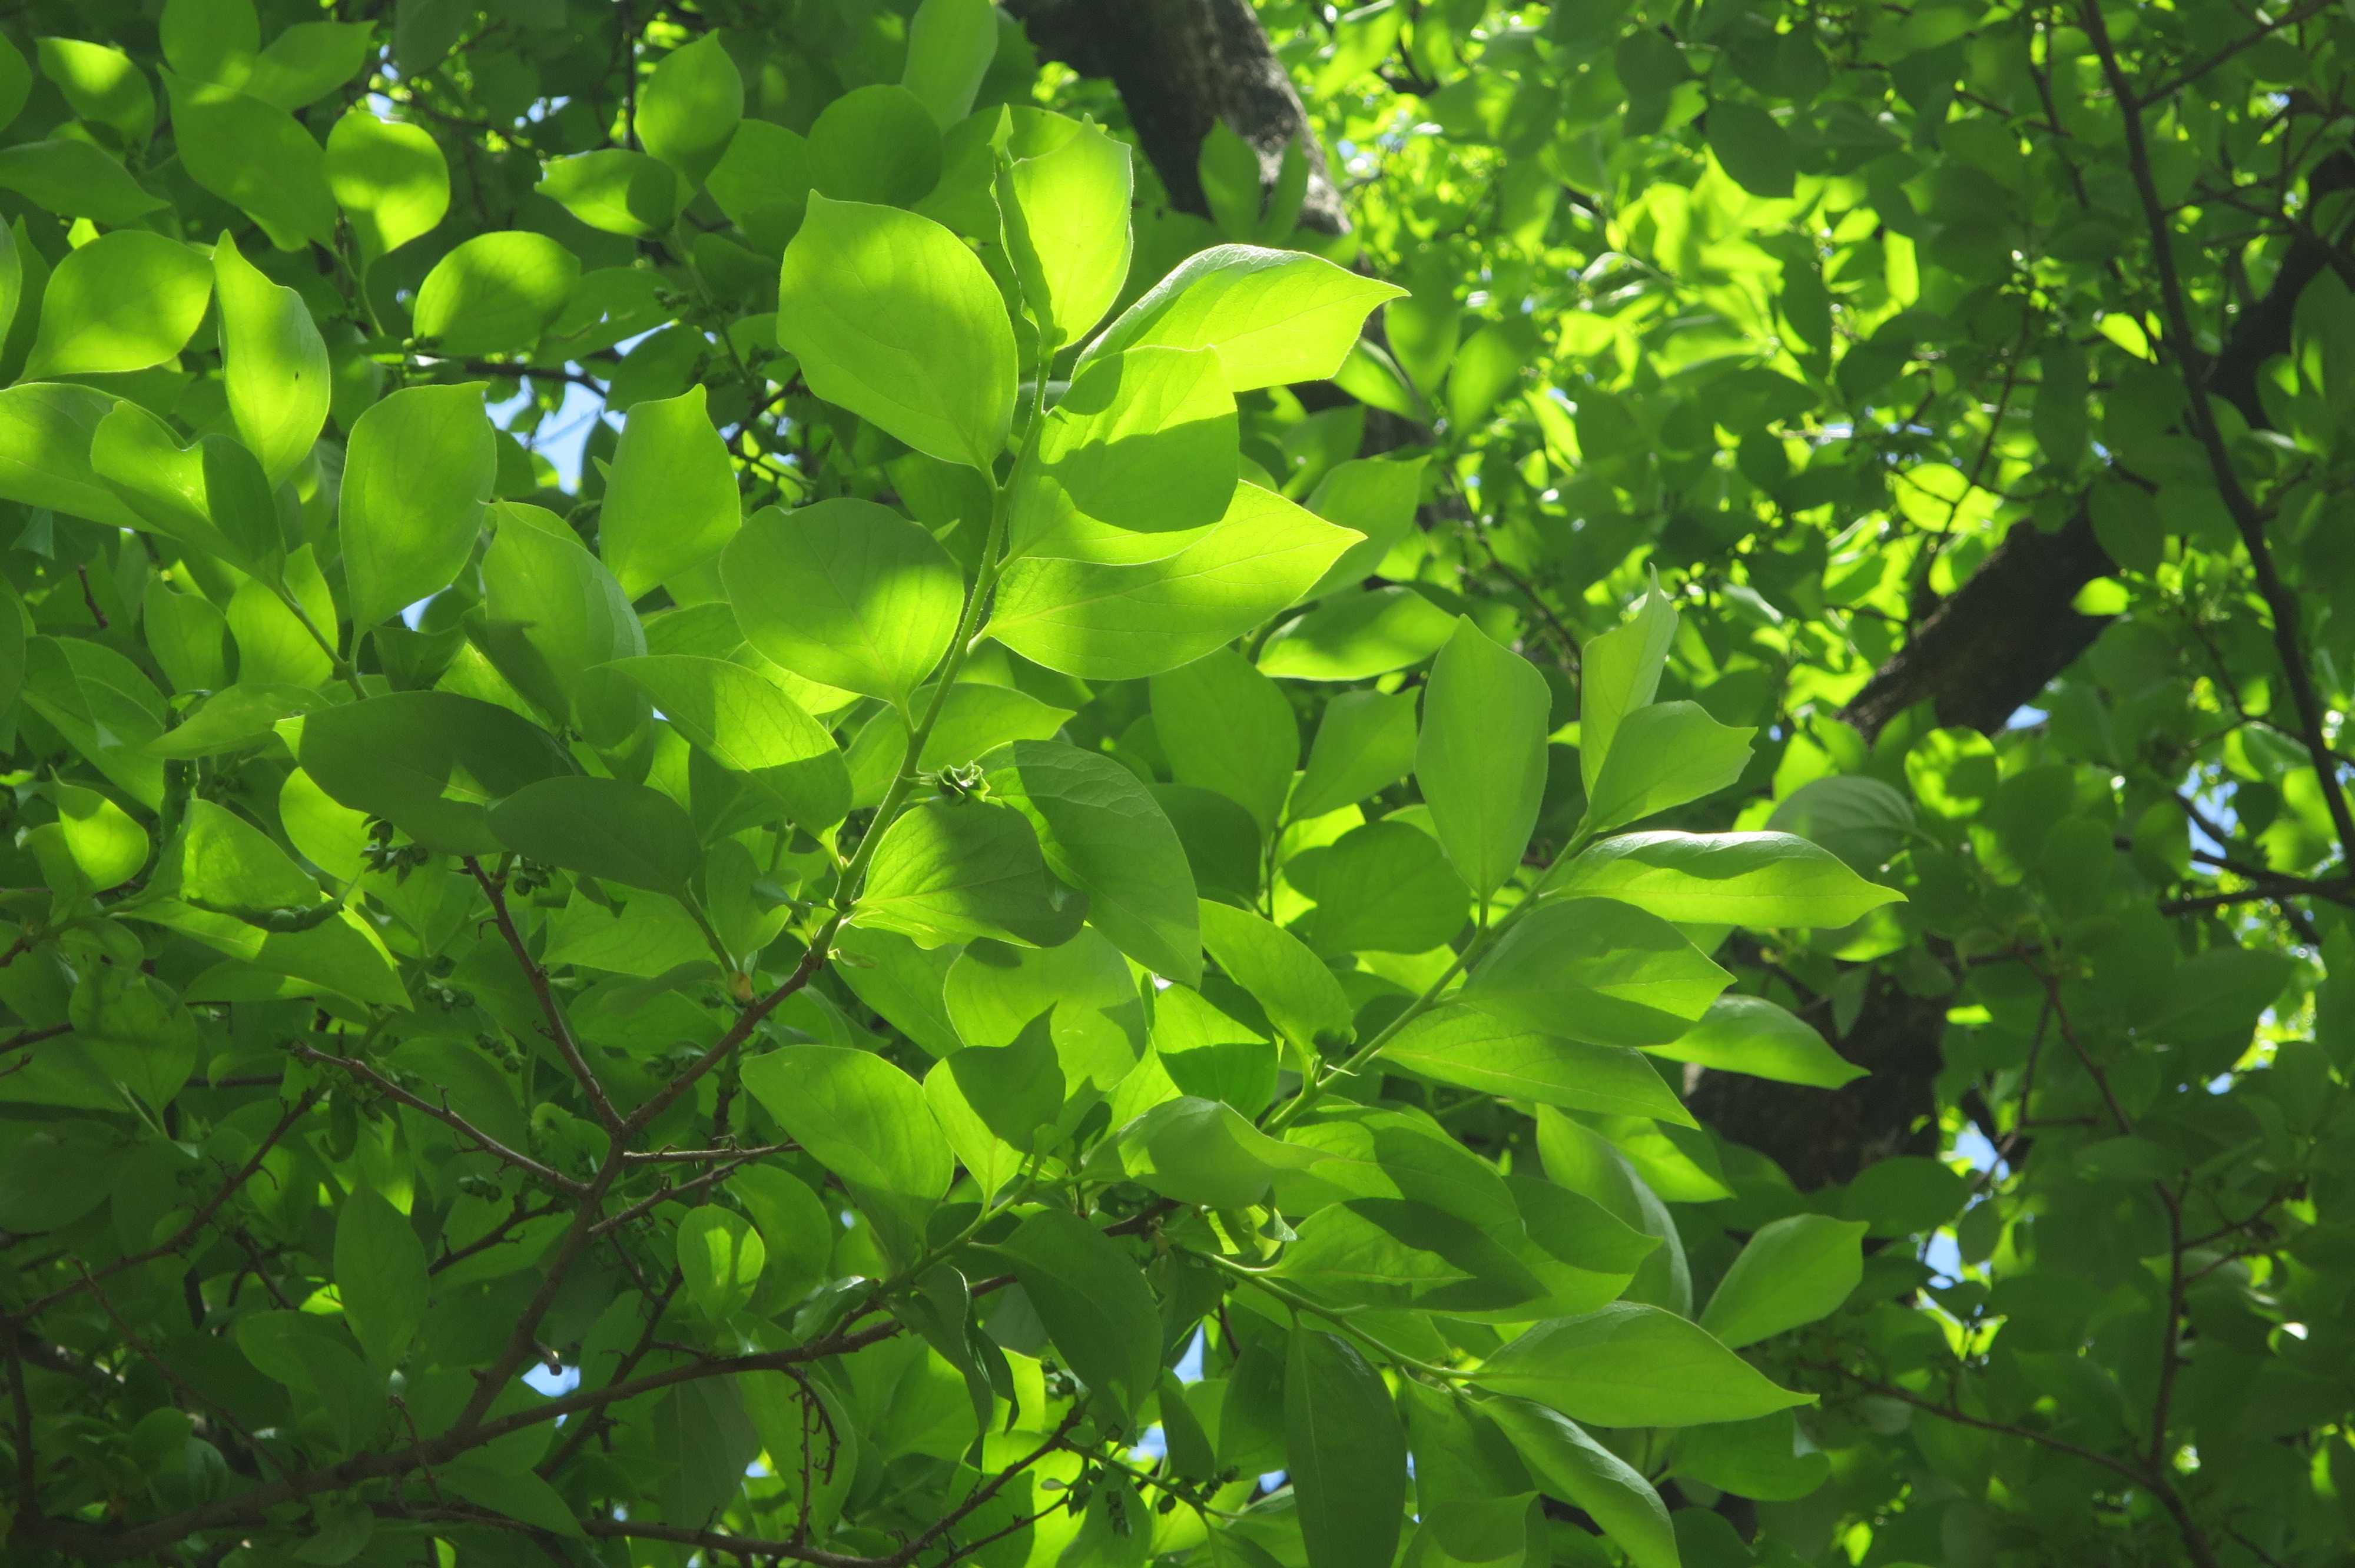 禅寺丸柿の新葉